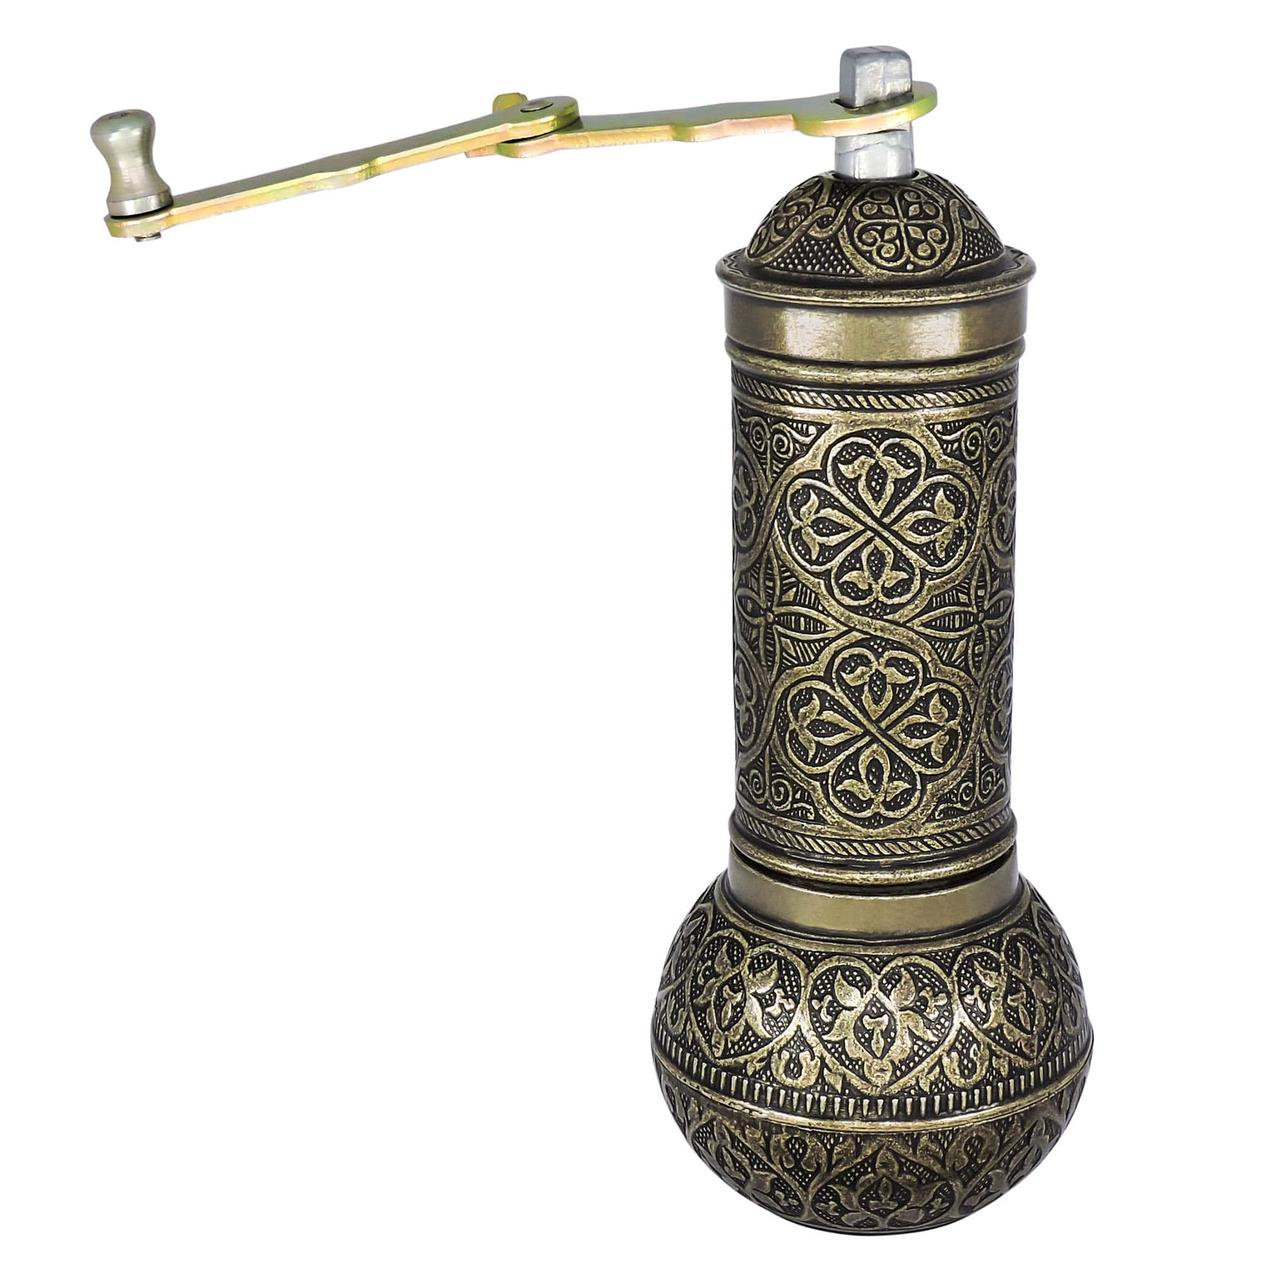 Кофемолка ручная механическая жерновая «1001 ночь», медный цвет (509)